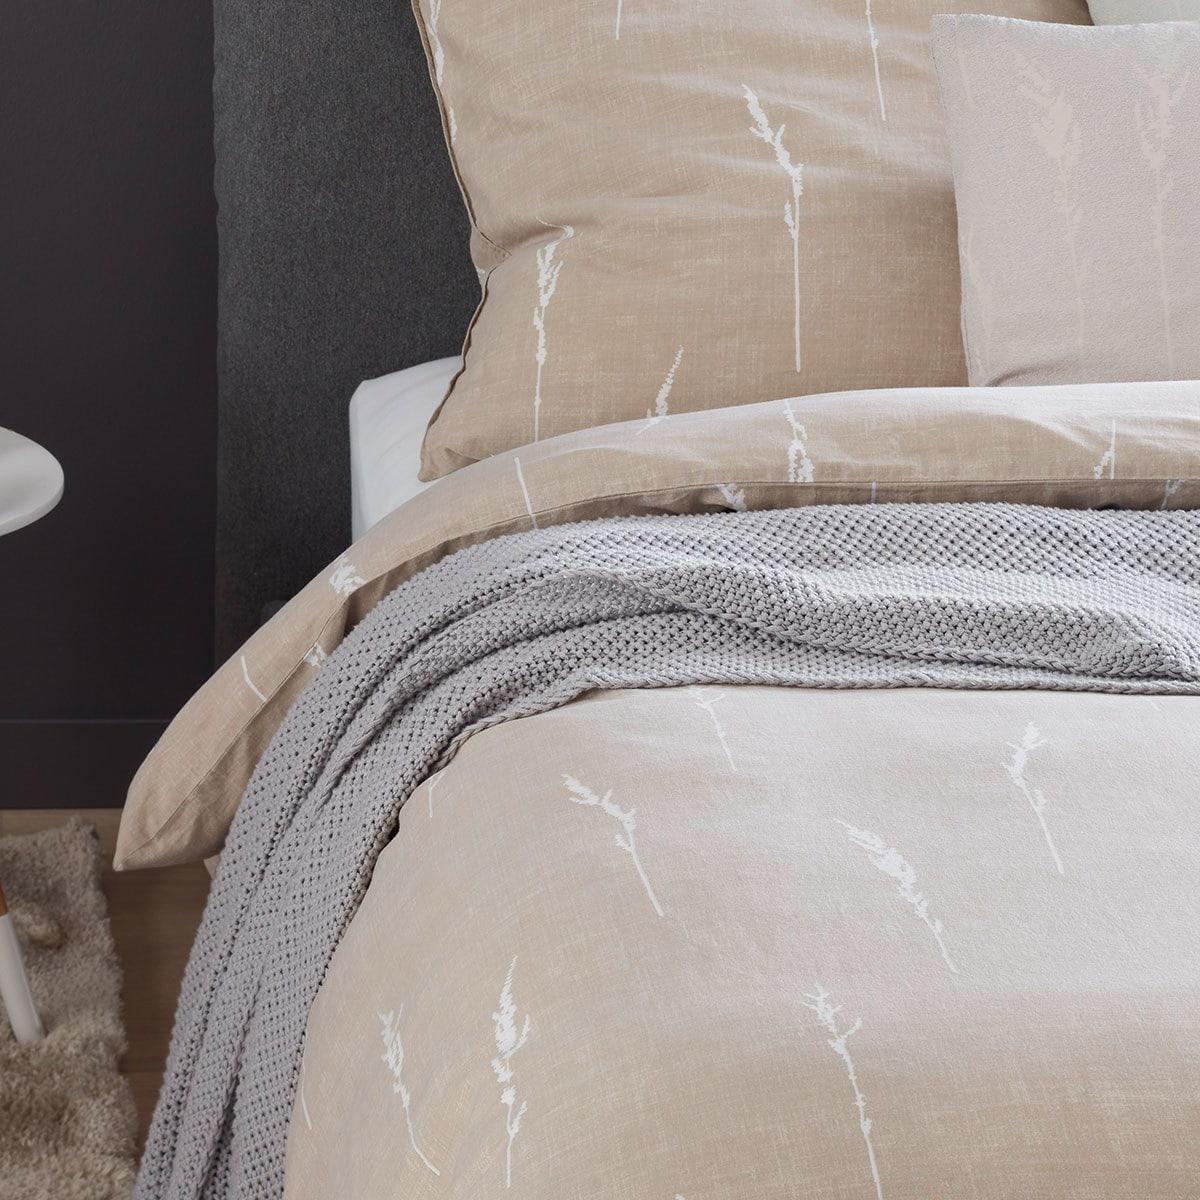 sch ner wohnen bettw sche gras b beige g nstig online. Black Bedroom Furniture Sets. Home Design Ideas